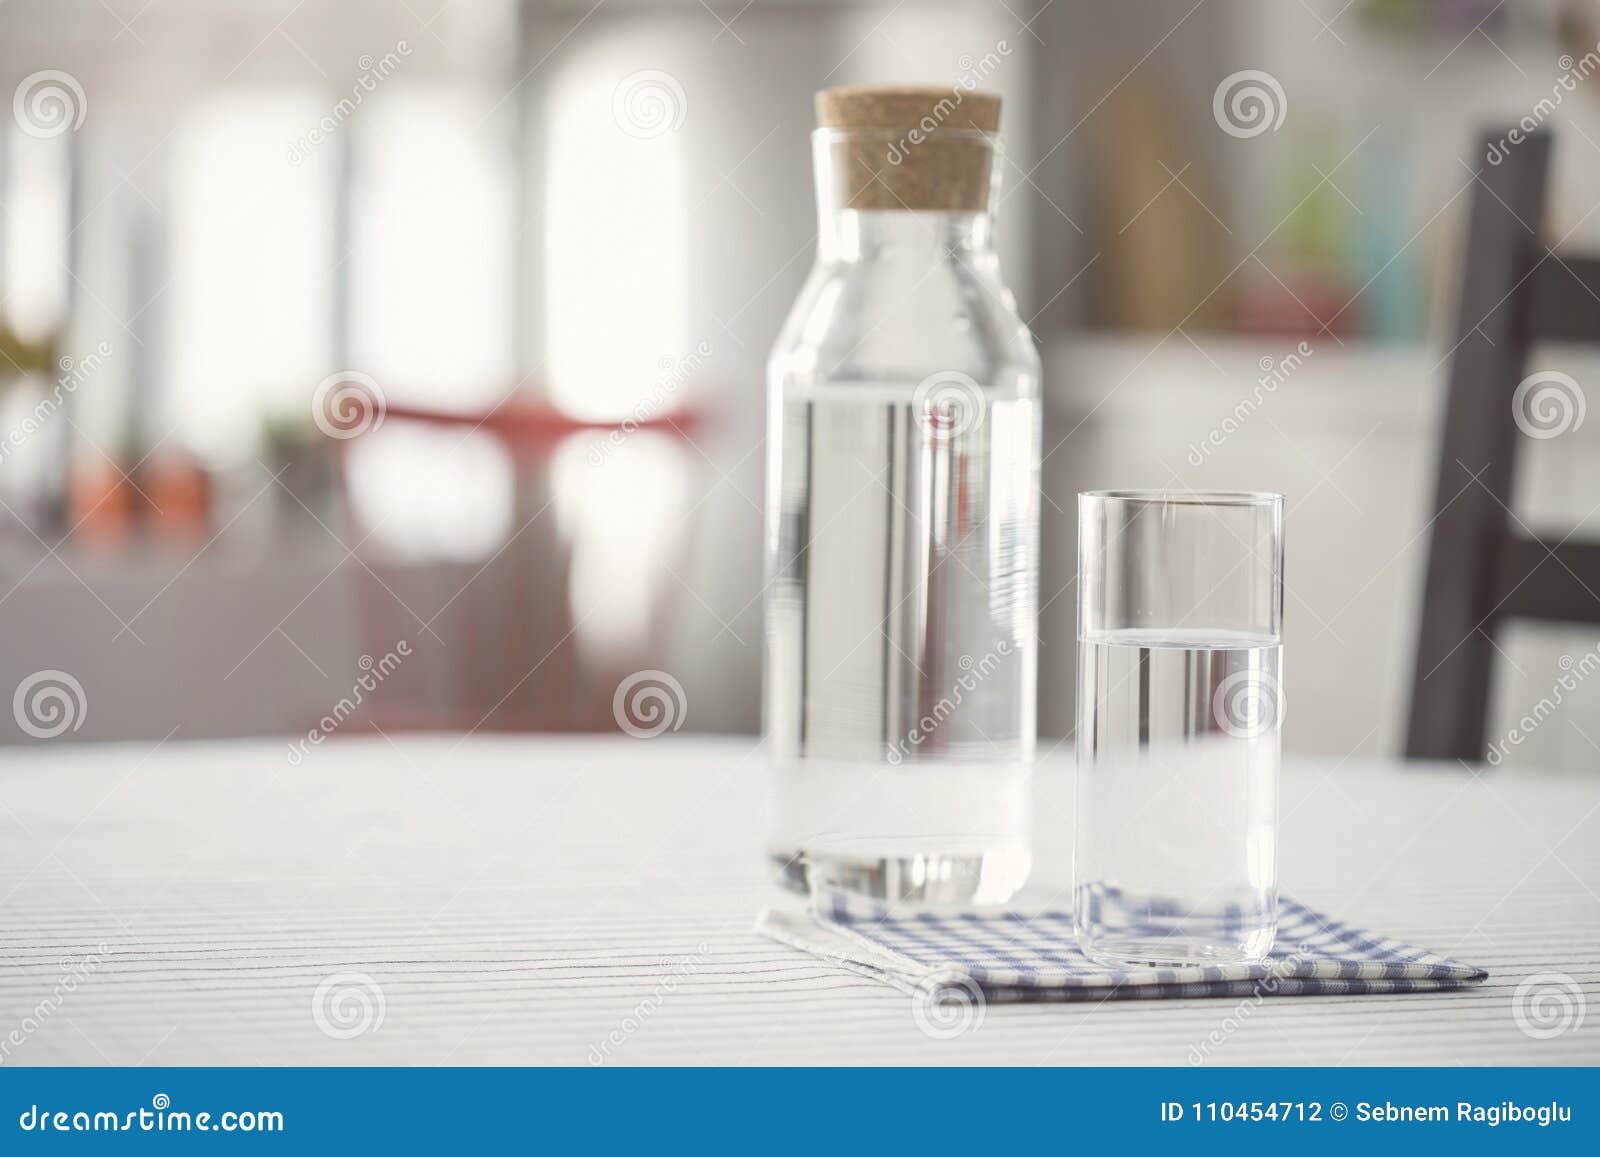 Vattenflaska och exponeringsglas av vatten på köksbordet